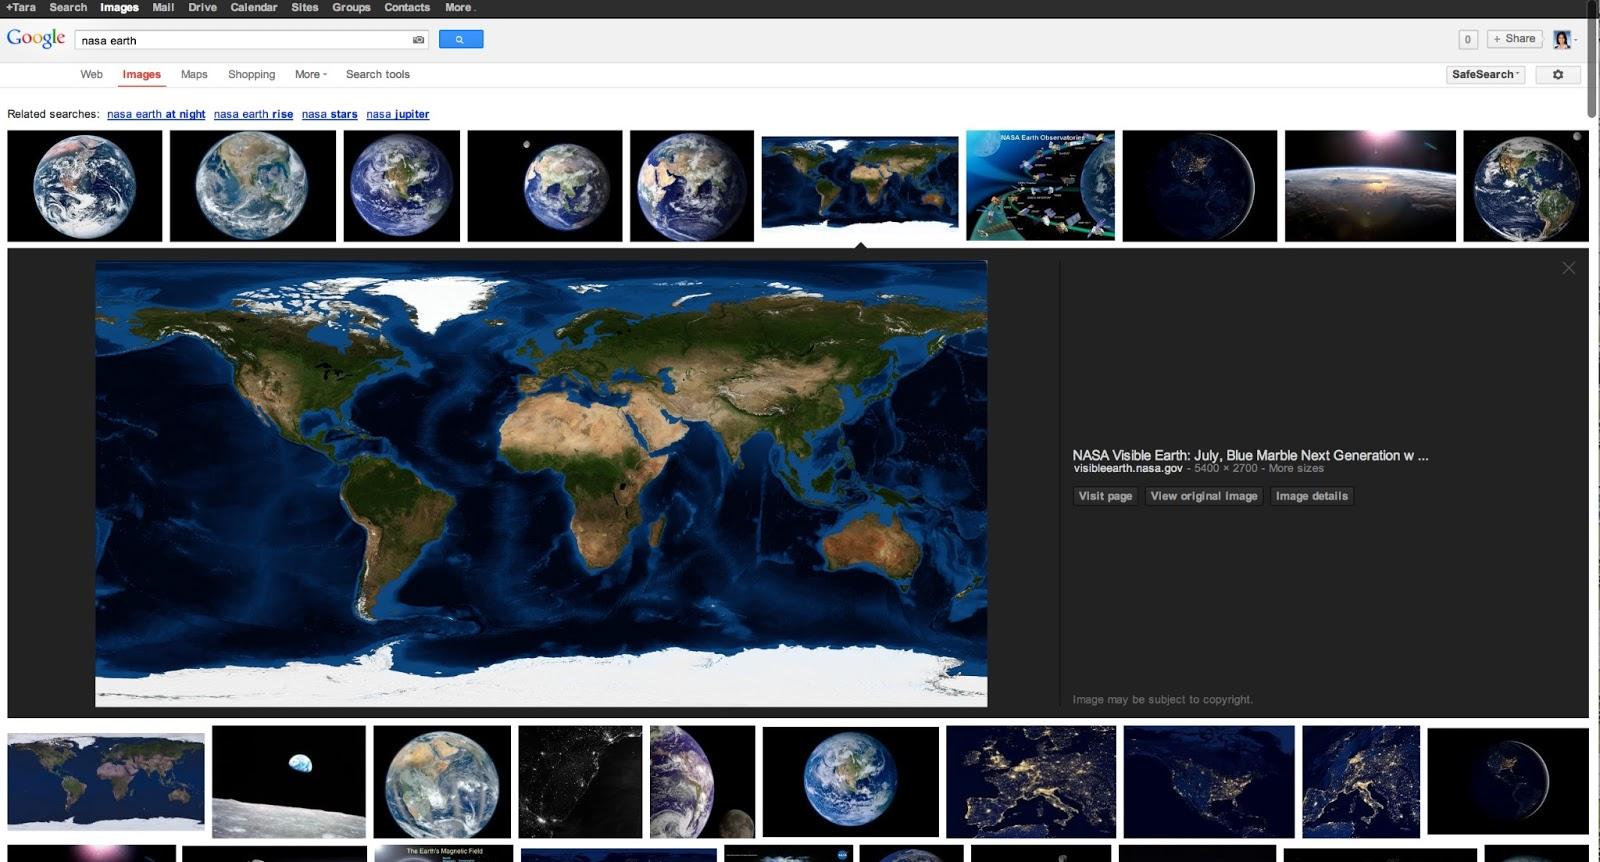 Neues Design der Google Bildersuche